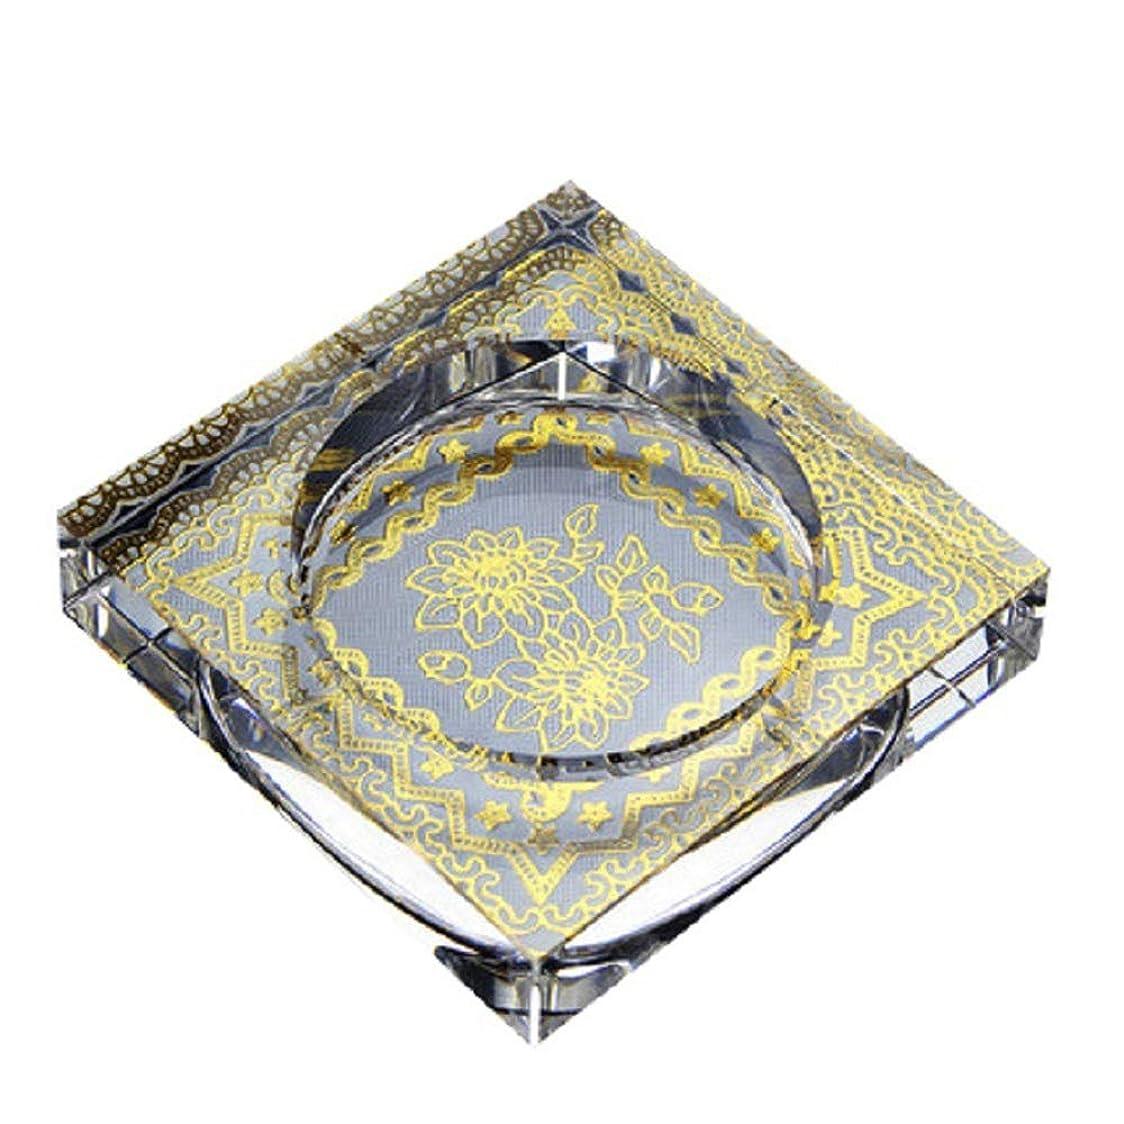 弱める継続中構成するタバコ、ギフトおよび総本店の装飾のための灰皿の円形の光沢のある水晶灰皿